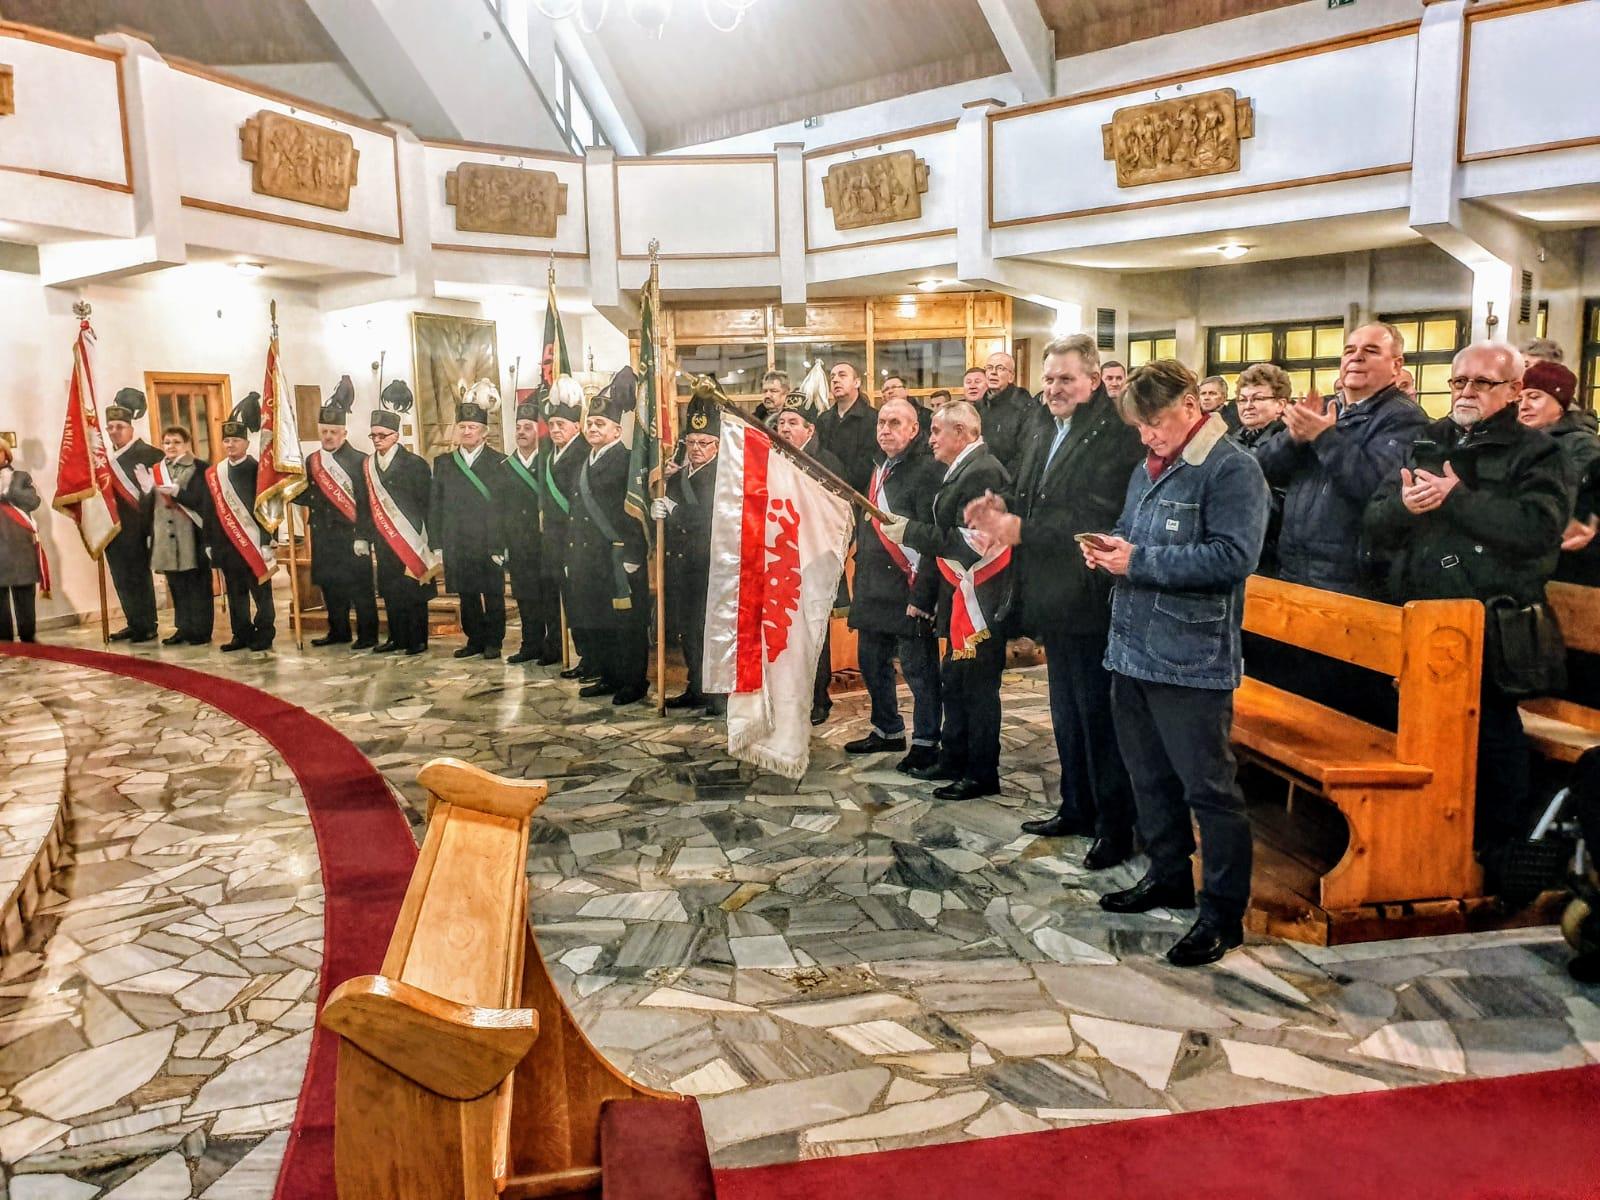 Spotkanie upamiętniające tajny Zjazd Delegatów Śląsko-Dąbrowskiej Solidarności